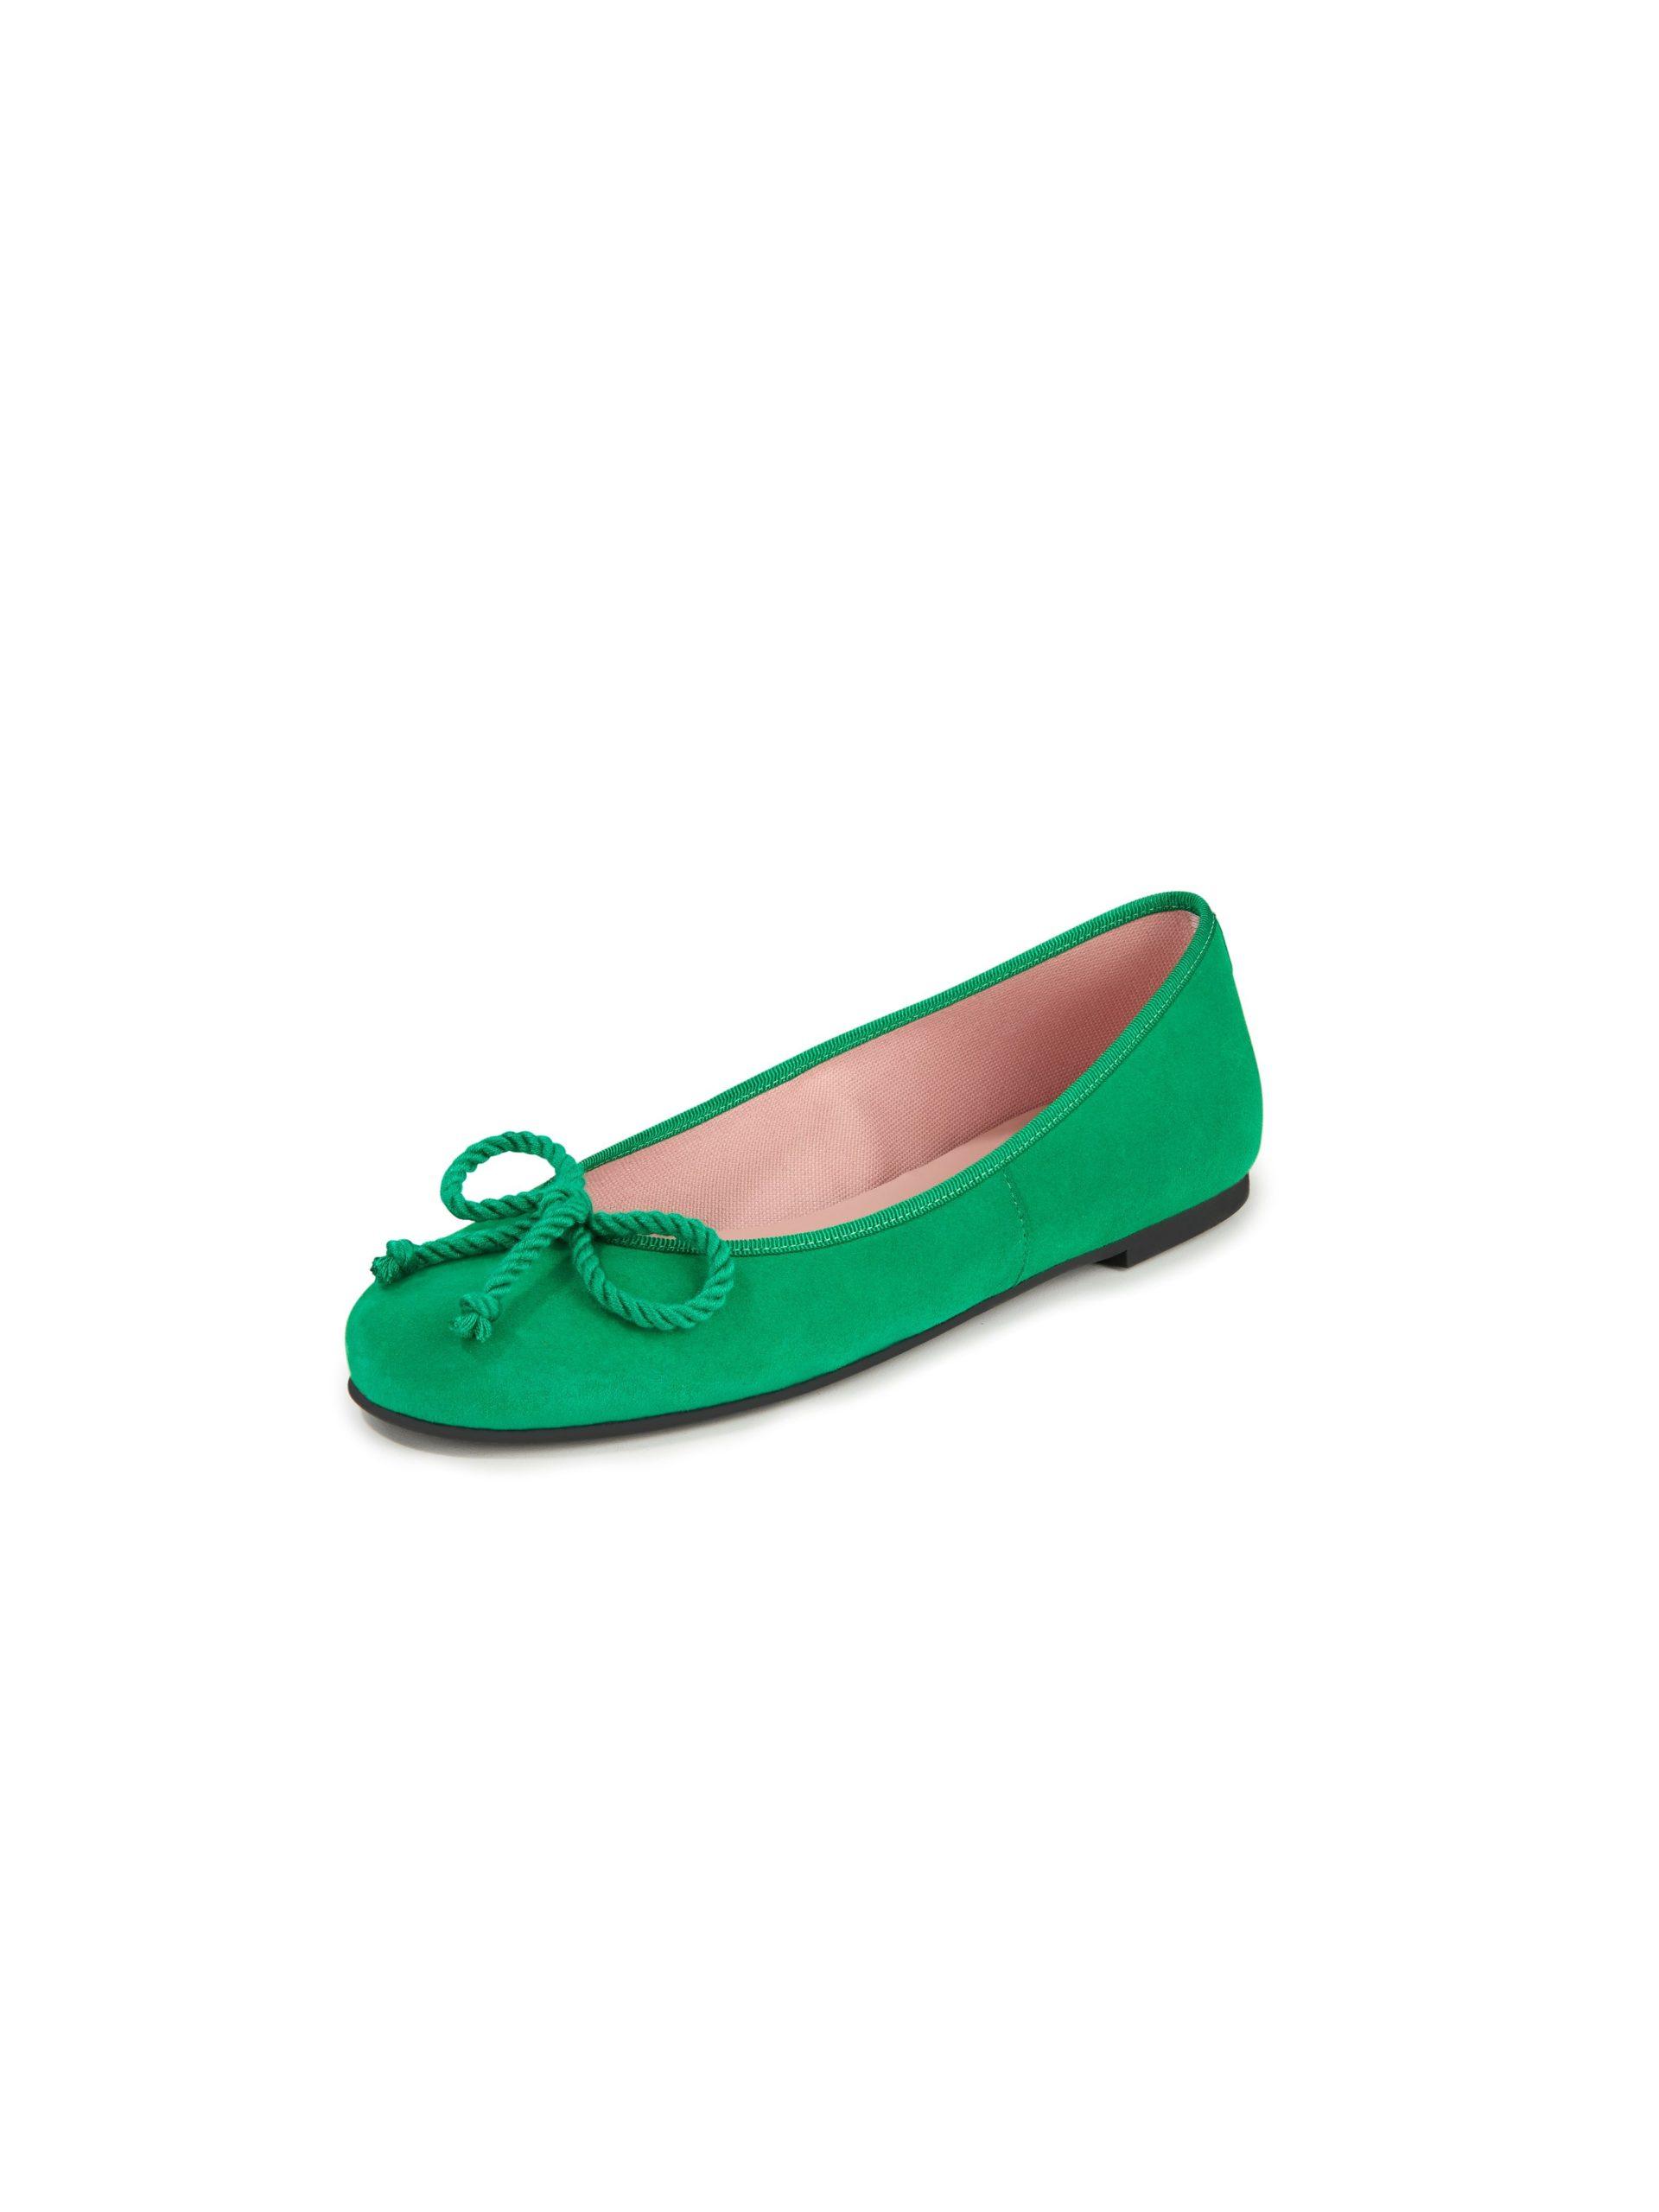 Ballerina's van geitensuèdeleer Van Pretty Ballerinas groen Kopen